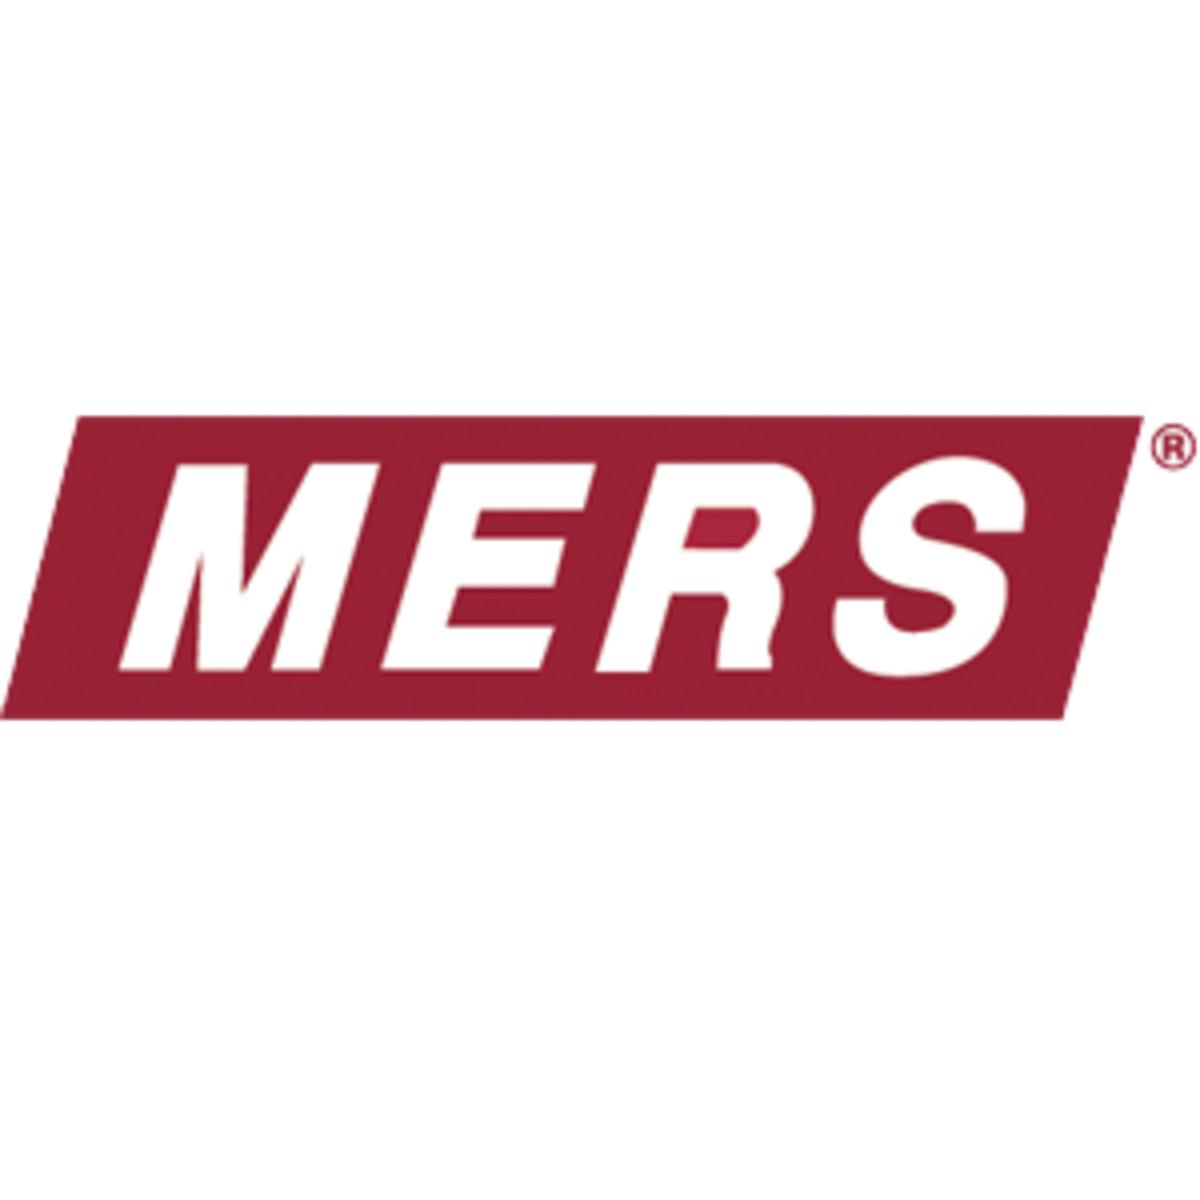 M.E.R.S.